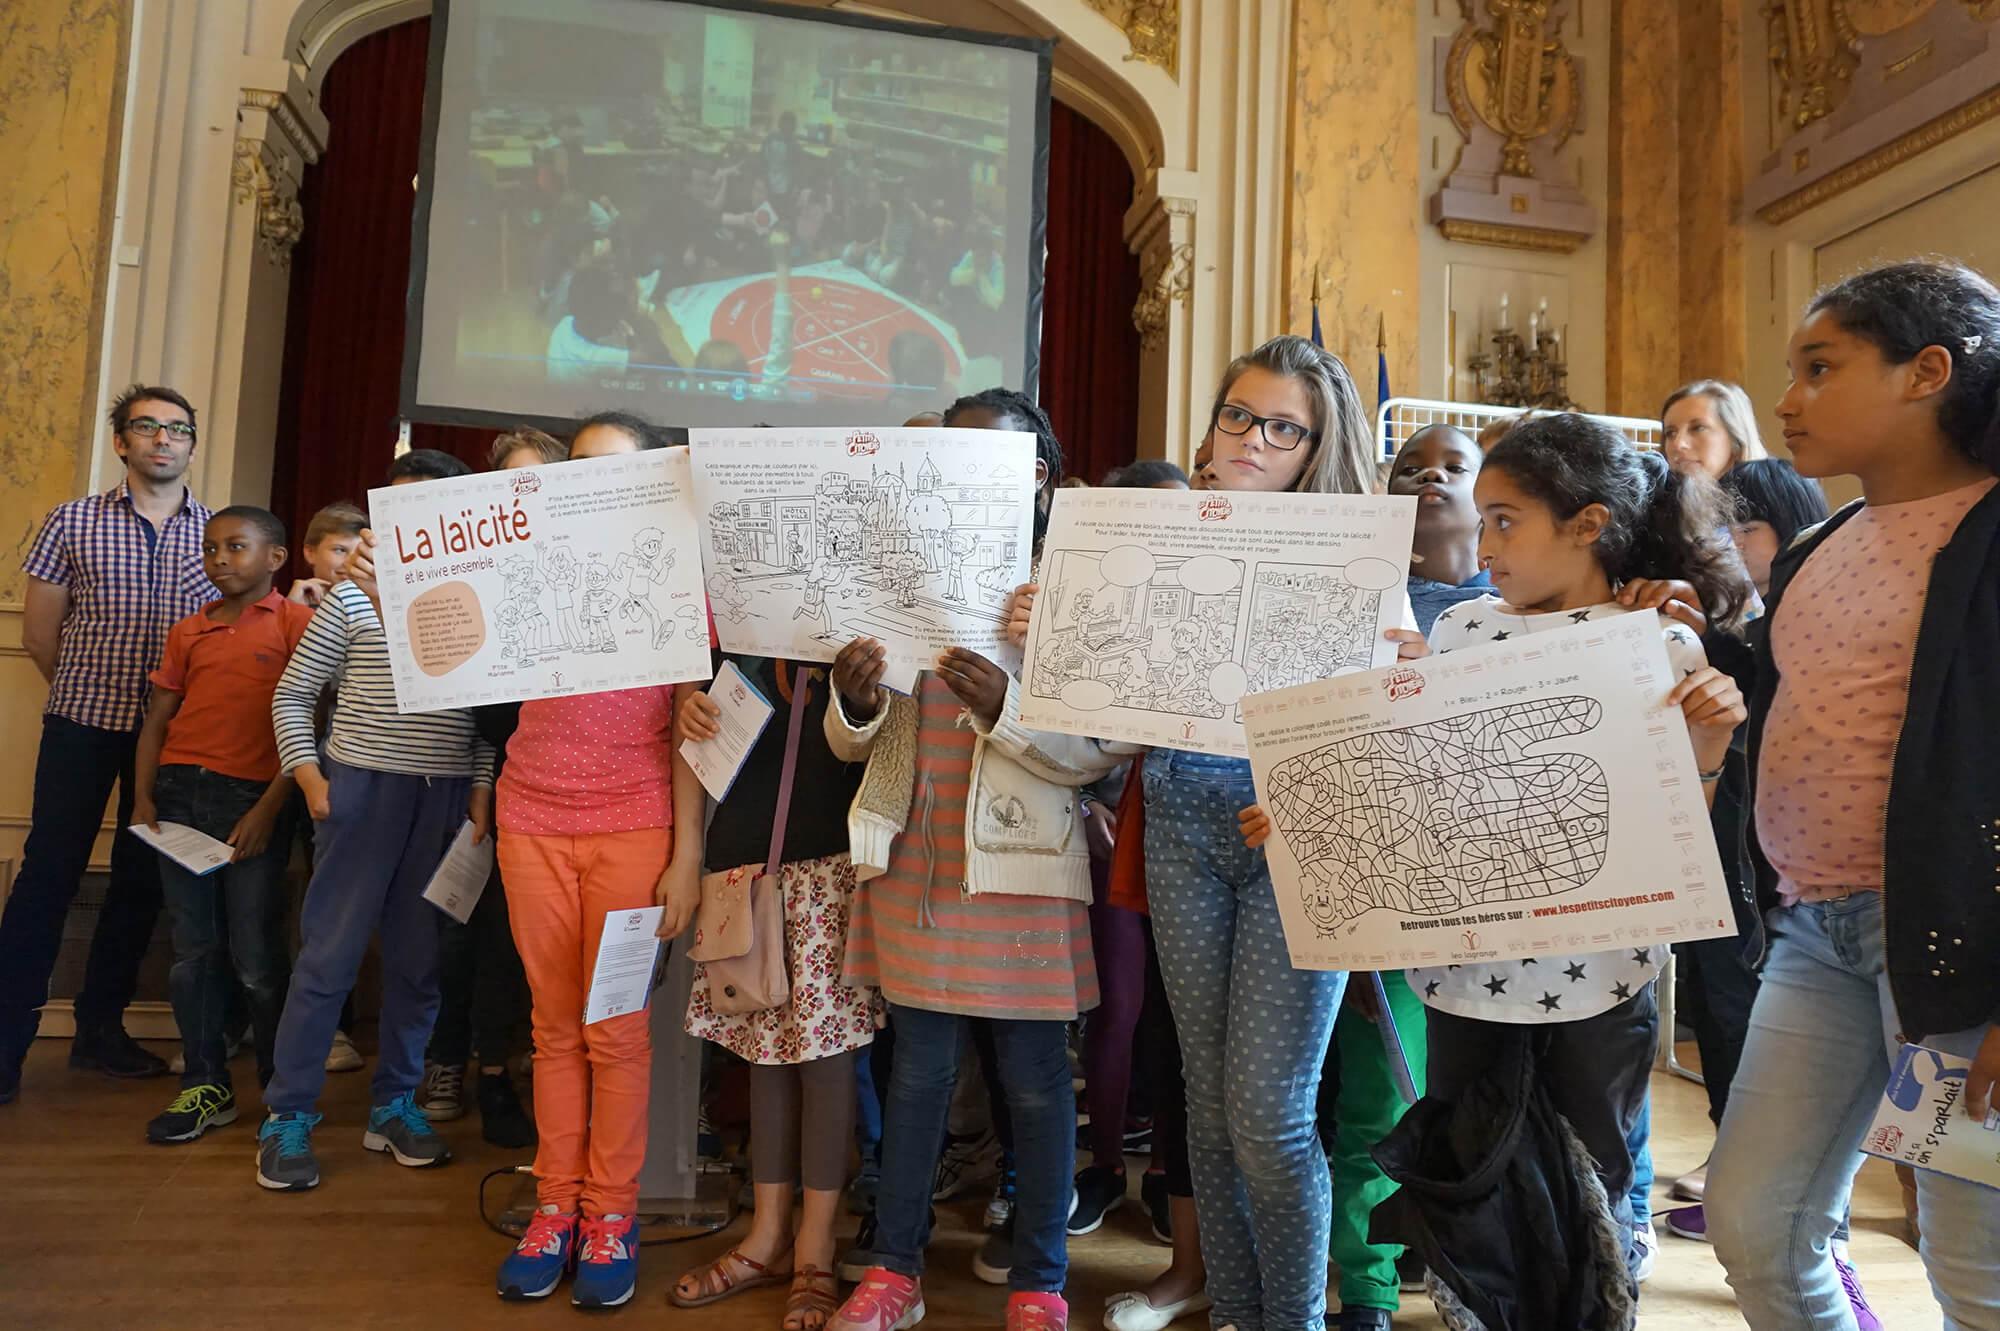 Les enfants du 18e avec le coloriage Laïcité